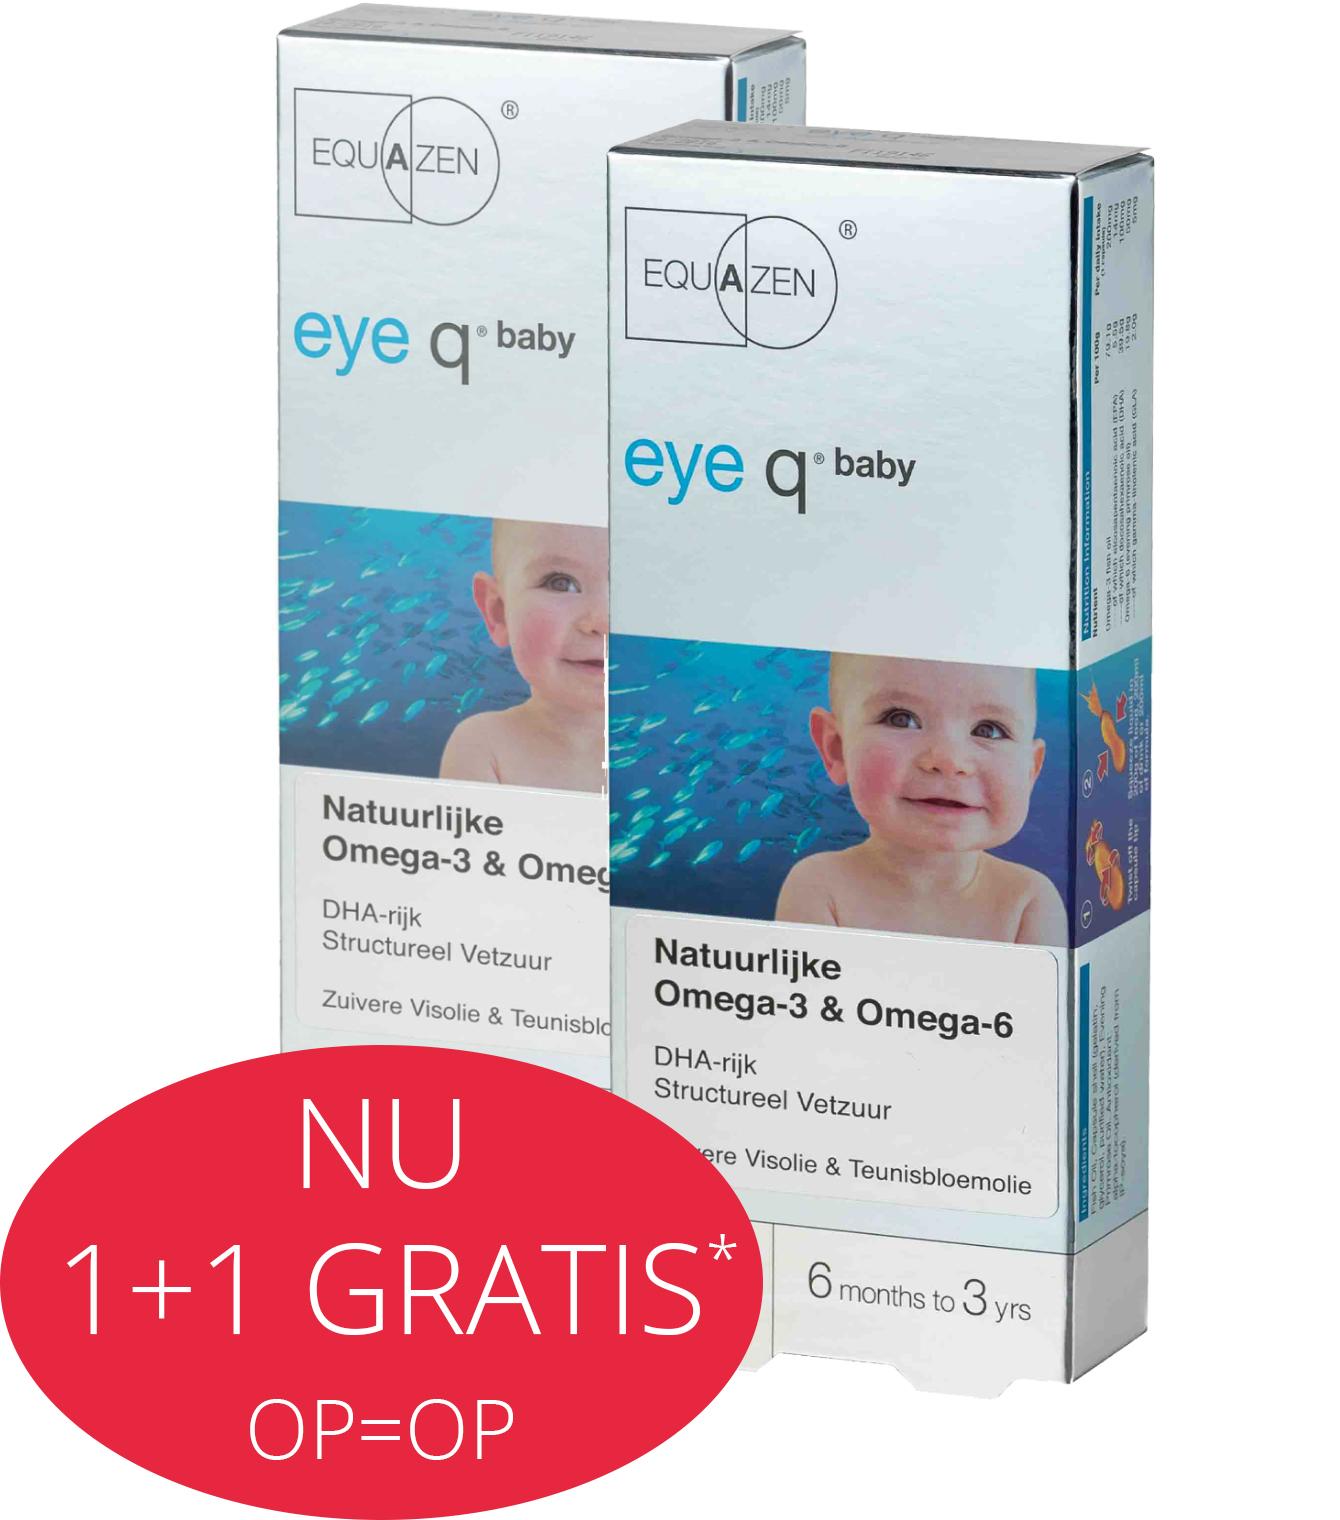 Equazen Baby ampullen - Zuivere DHA-rijke visolie - goed voor de hersenen - 1+1 gratis - rood roze